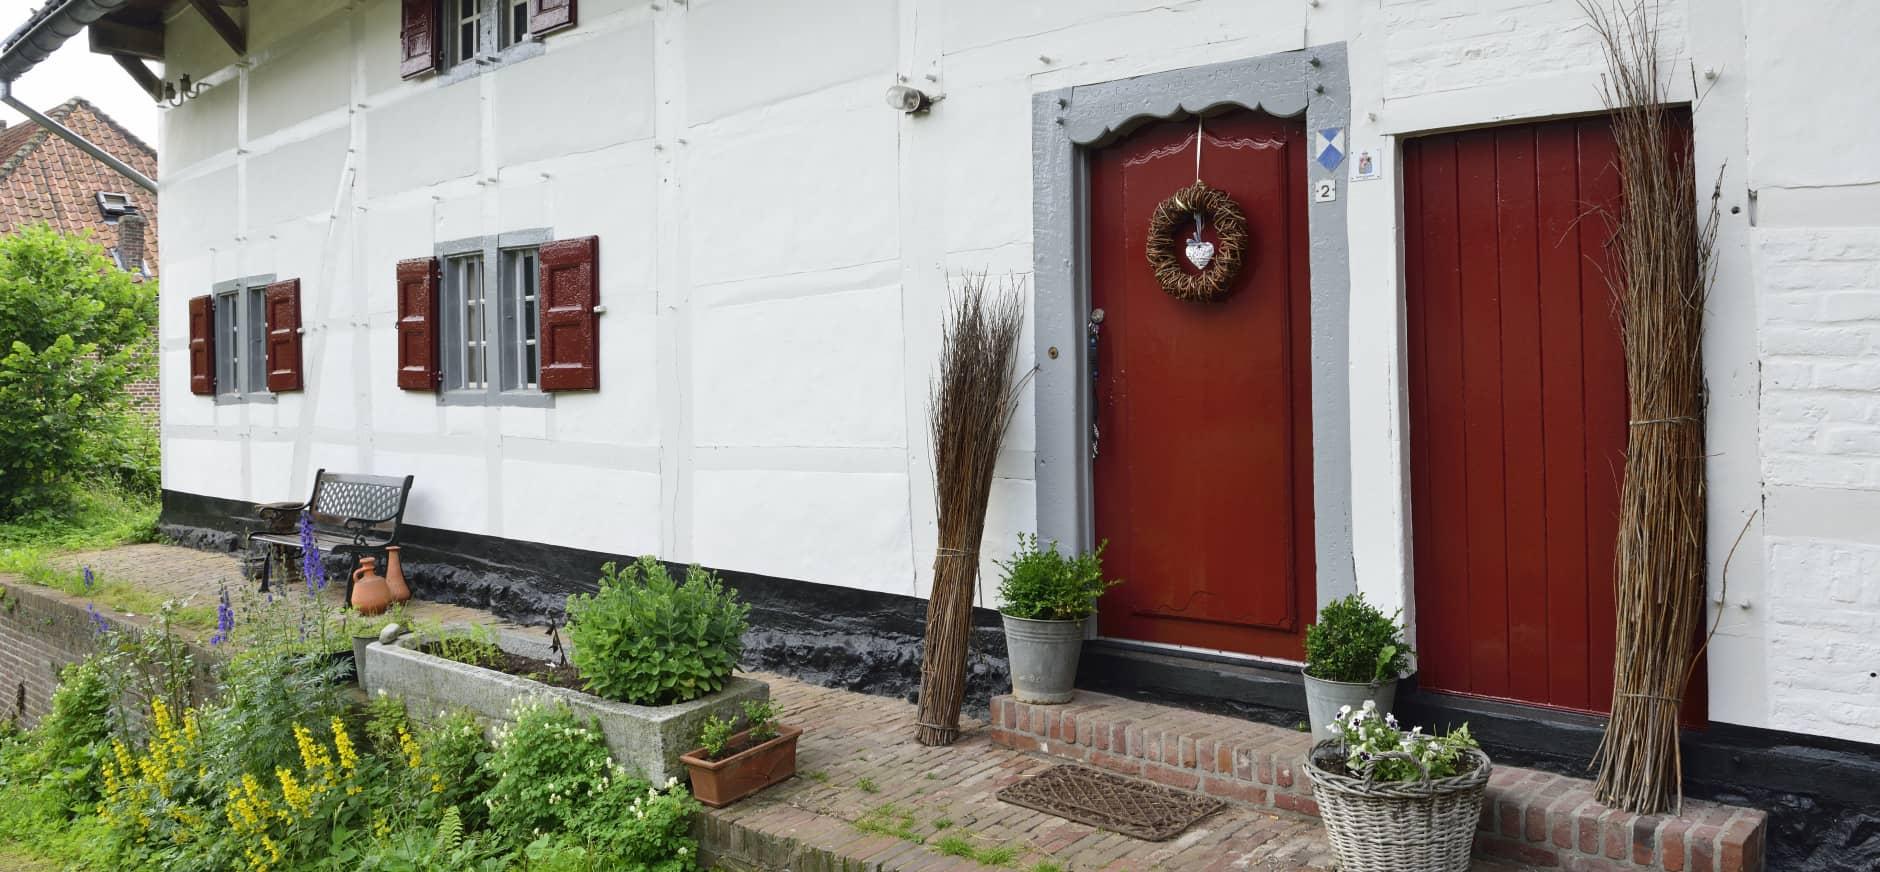 Vakantiehuis 't Höfke in het Geuldal